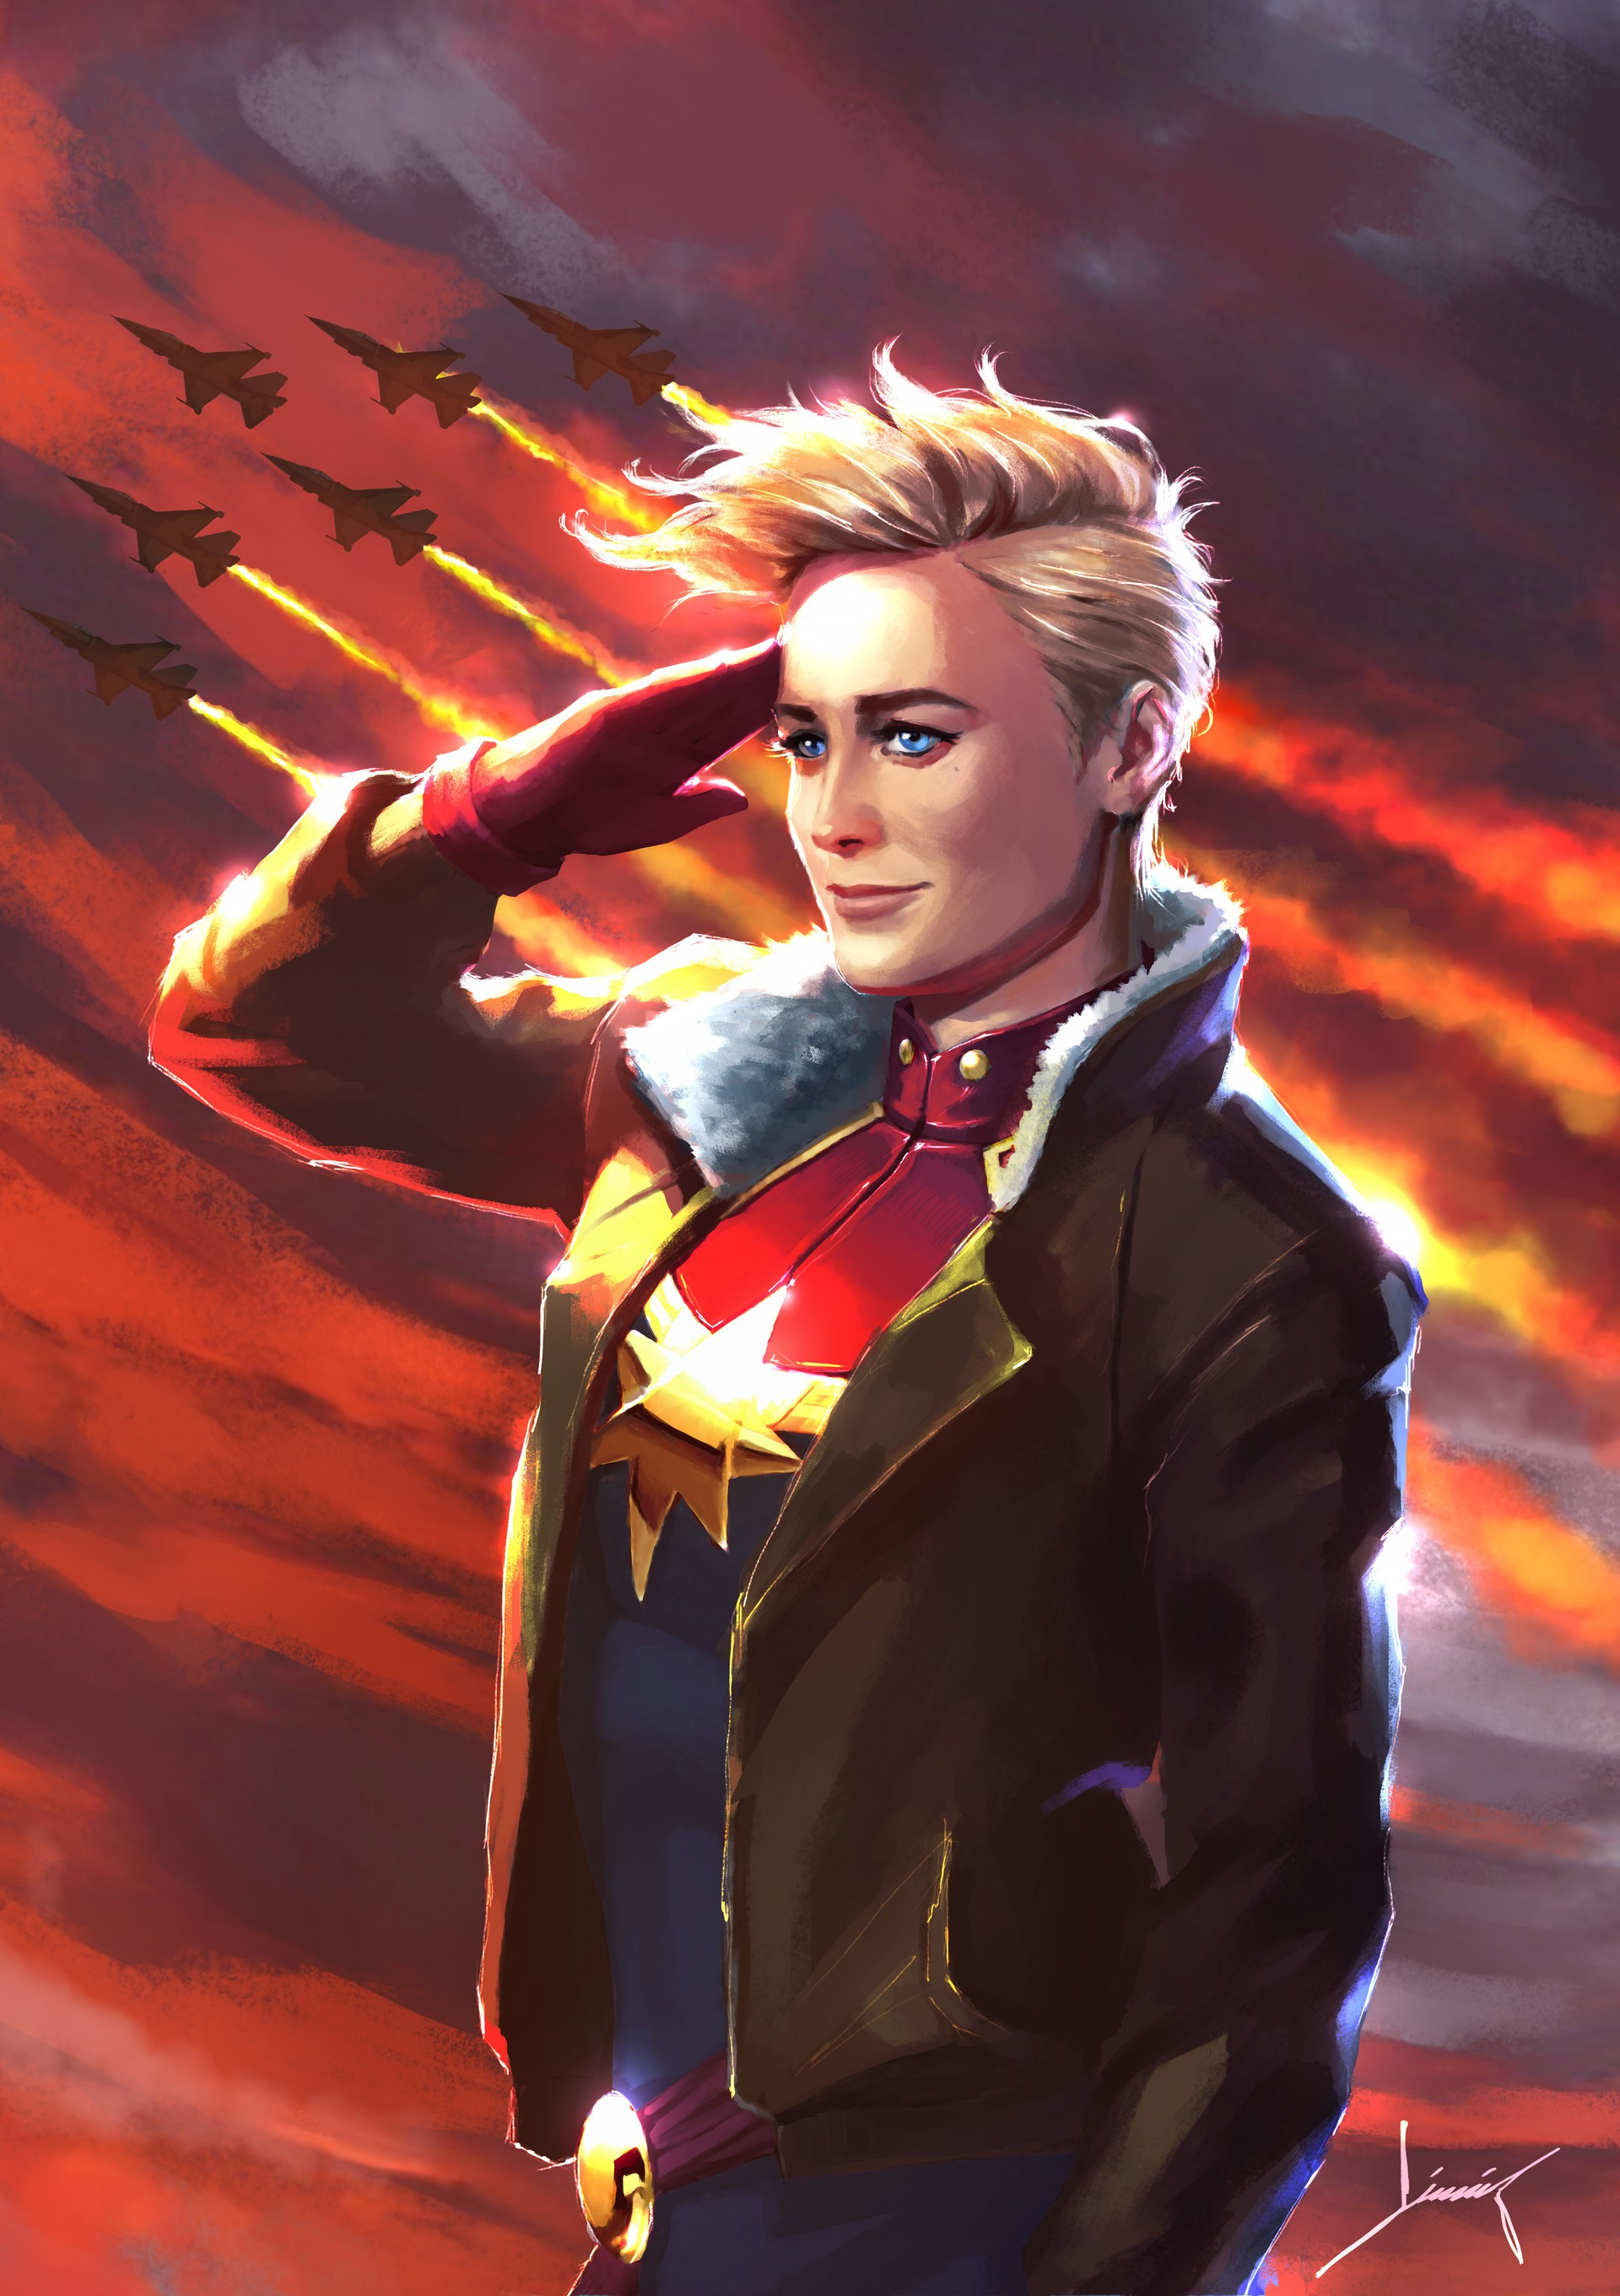 Đạo diễn ENDGAME xác nhận có siêu anh hùng đồng tính, netizen lập tức triệu hồi 4 cái tên này! - Ảnh 1.